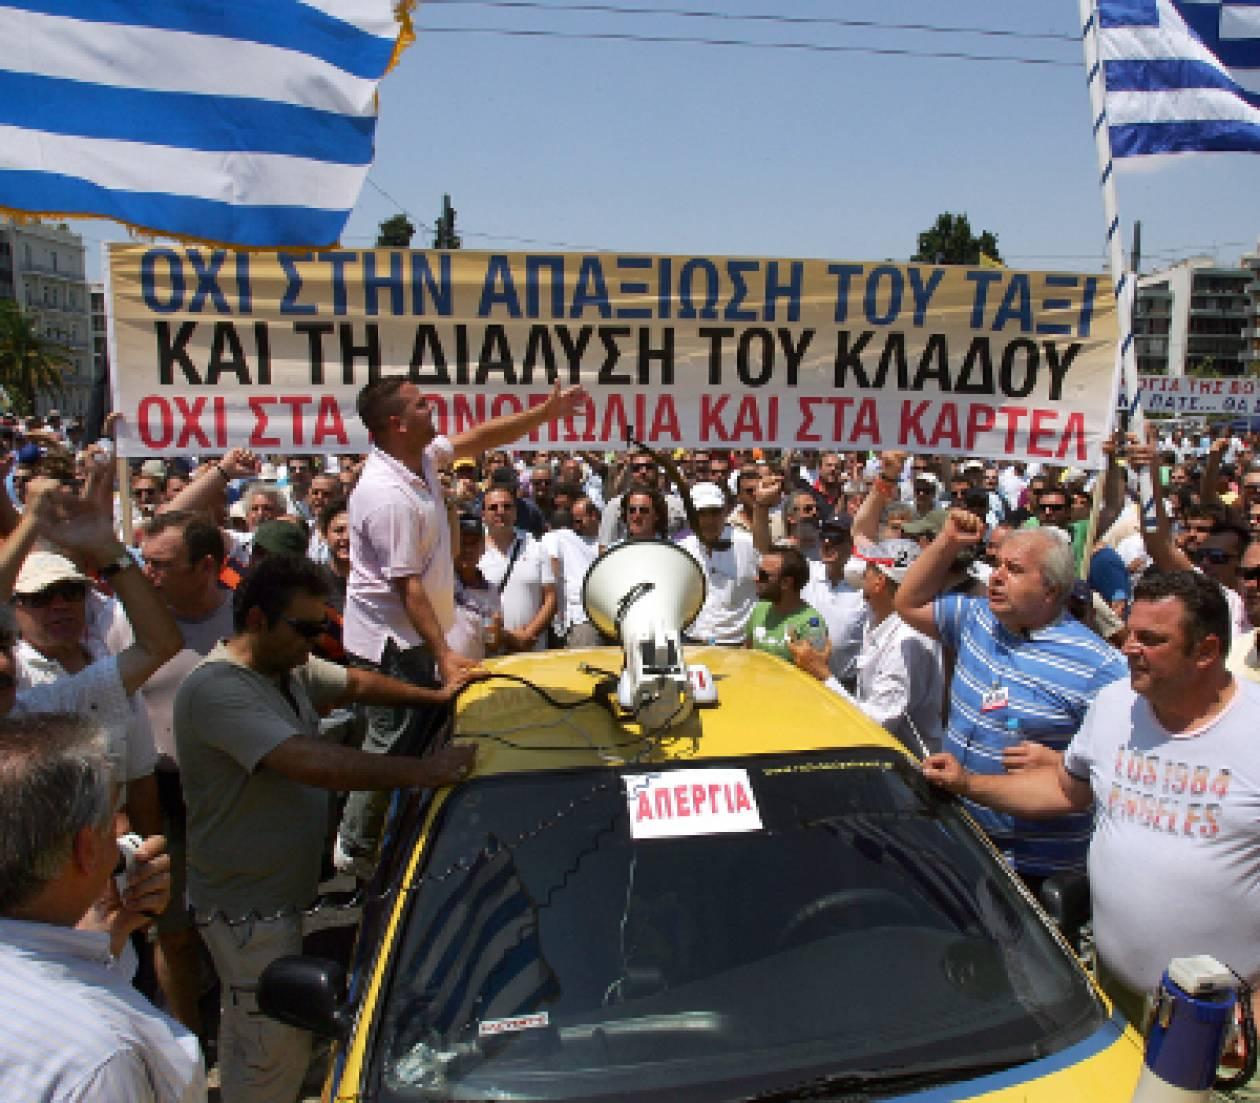 Έκοψαν πάλι την Ελλάδα στη μέση οι οδηγοί ταξί